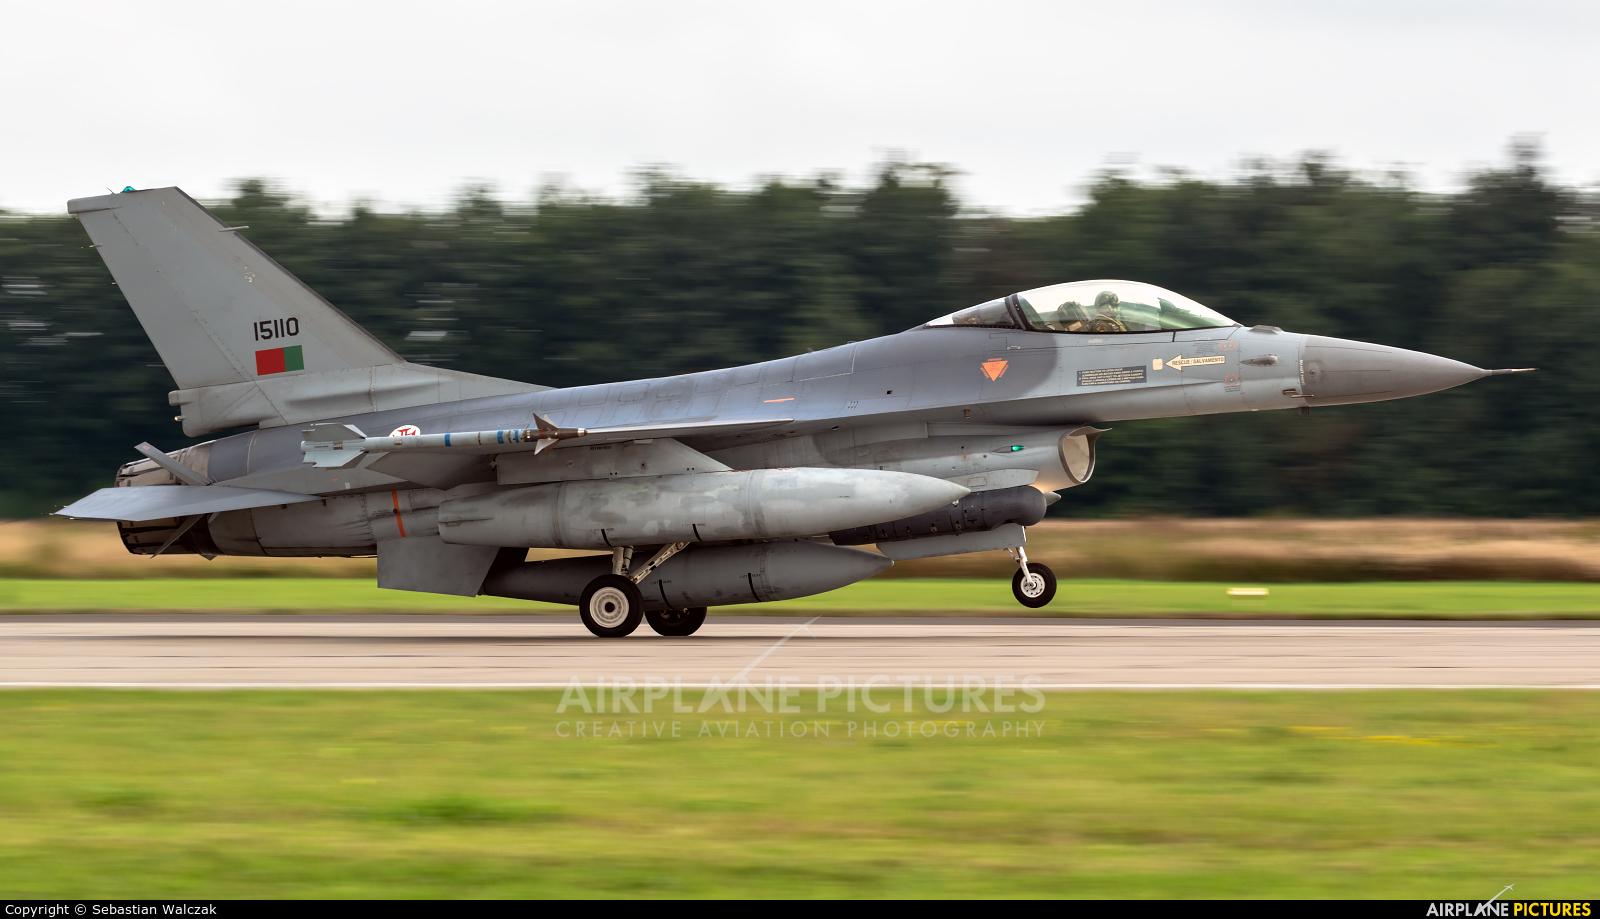 Portugal - Air Force 15110 aircraft at Malbork